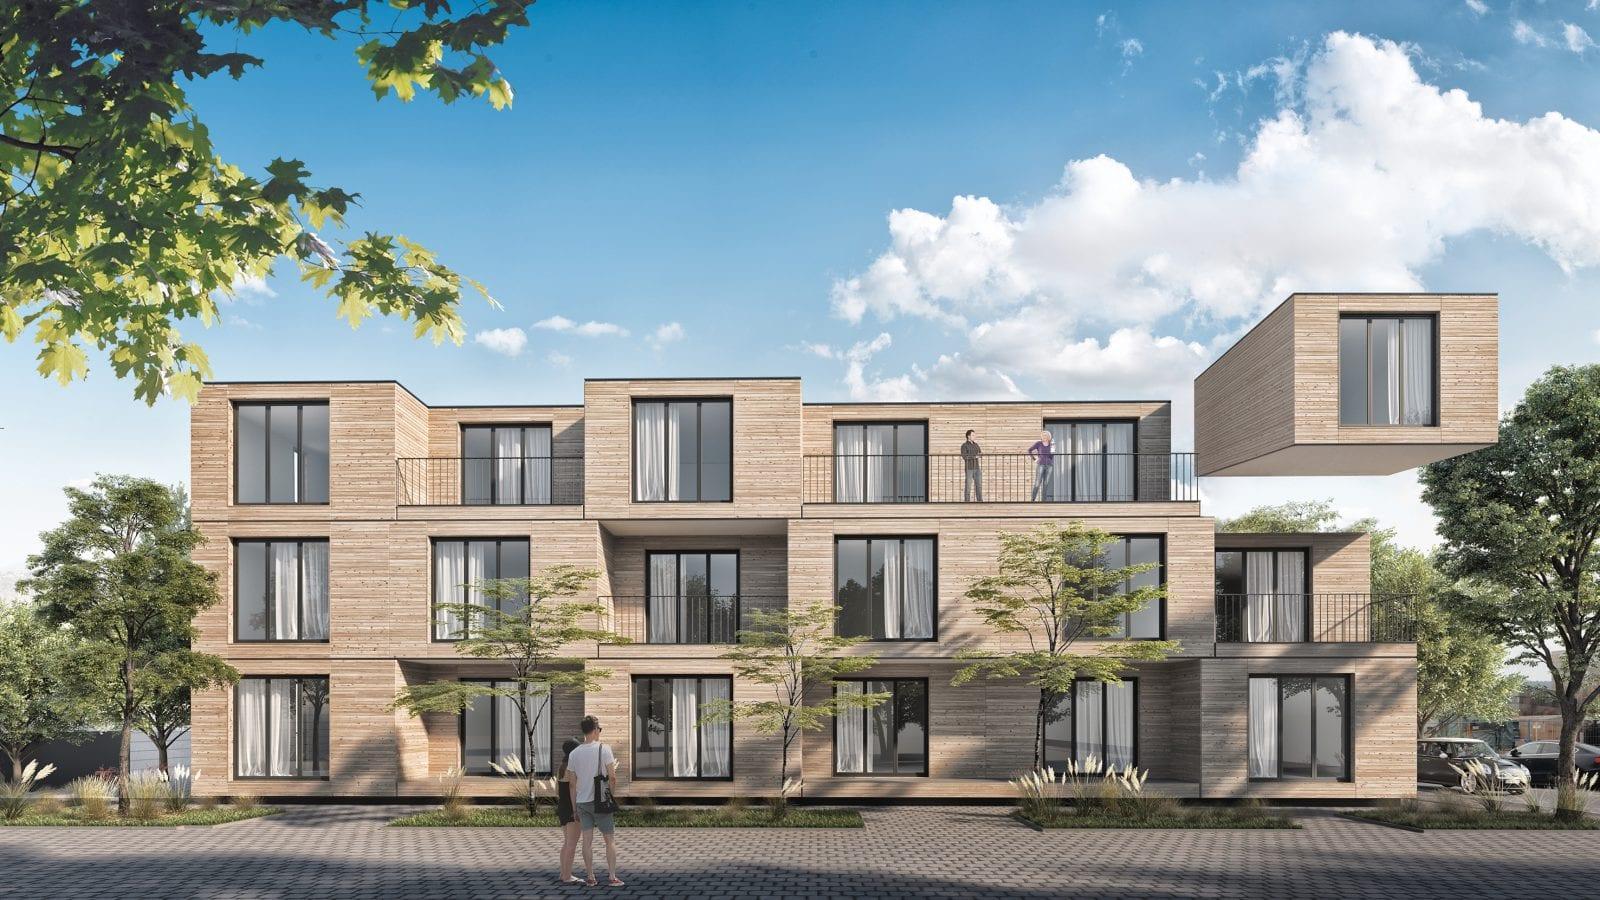 Bezahlbare Wohnungen in Modulbauweise: aktivhaus-Projekt für das Klinikum Esslingen (Visualisierung: aktivhaus)